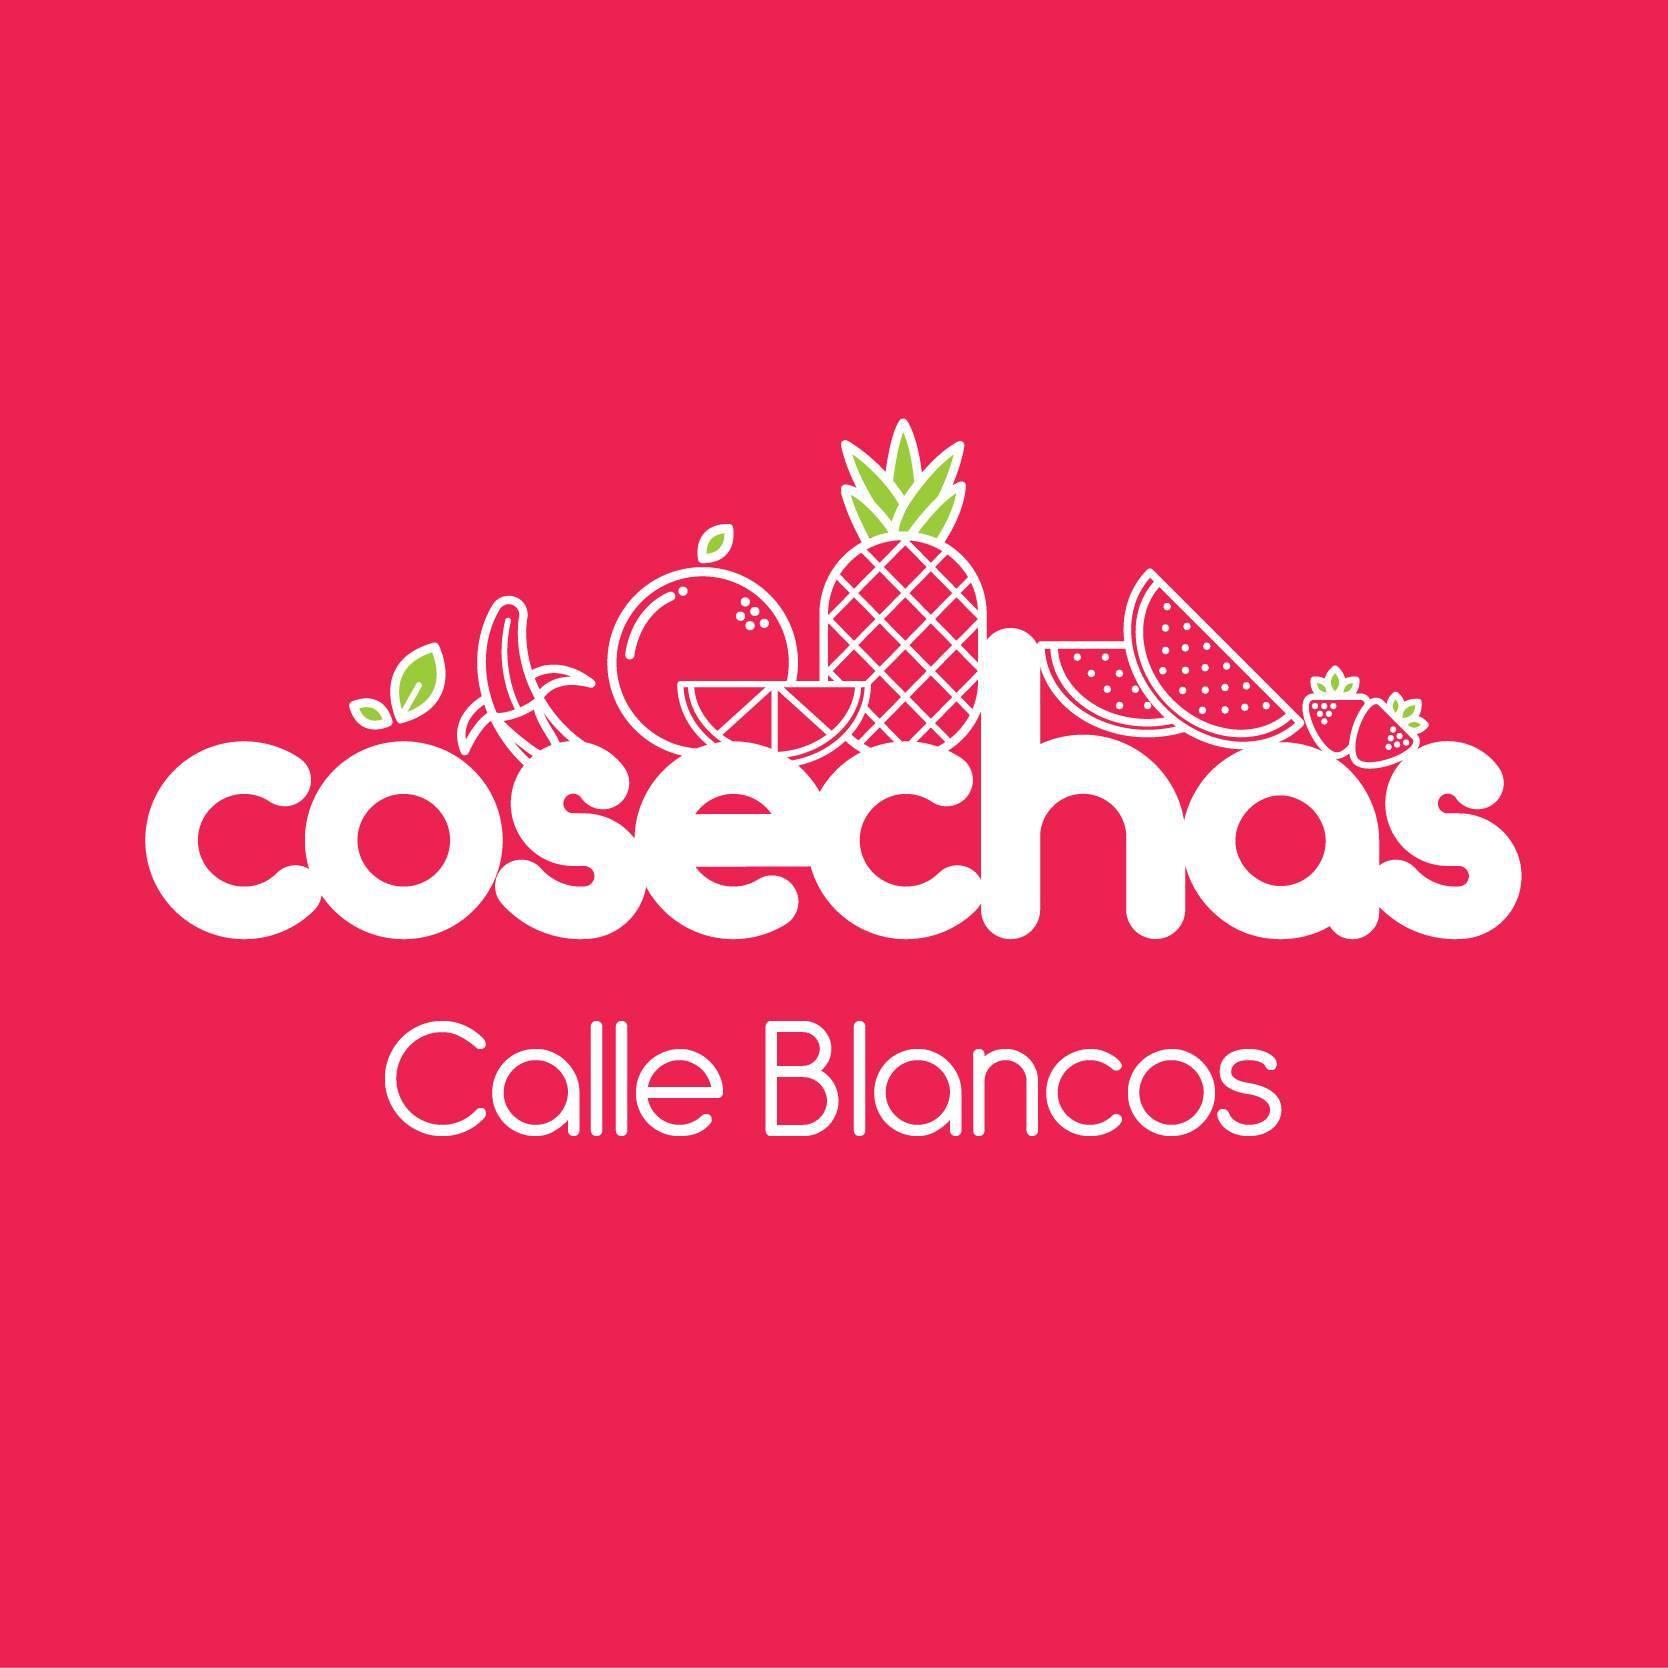 Cosechas (calle blancos) logo